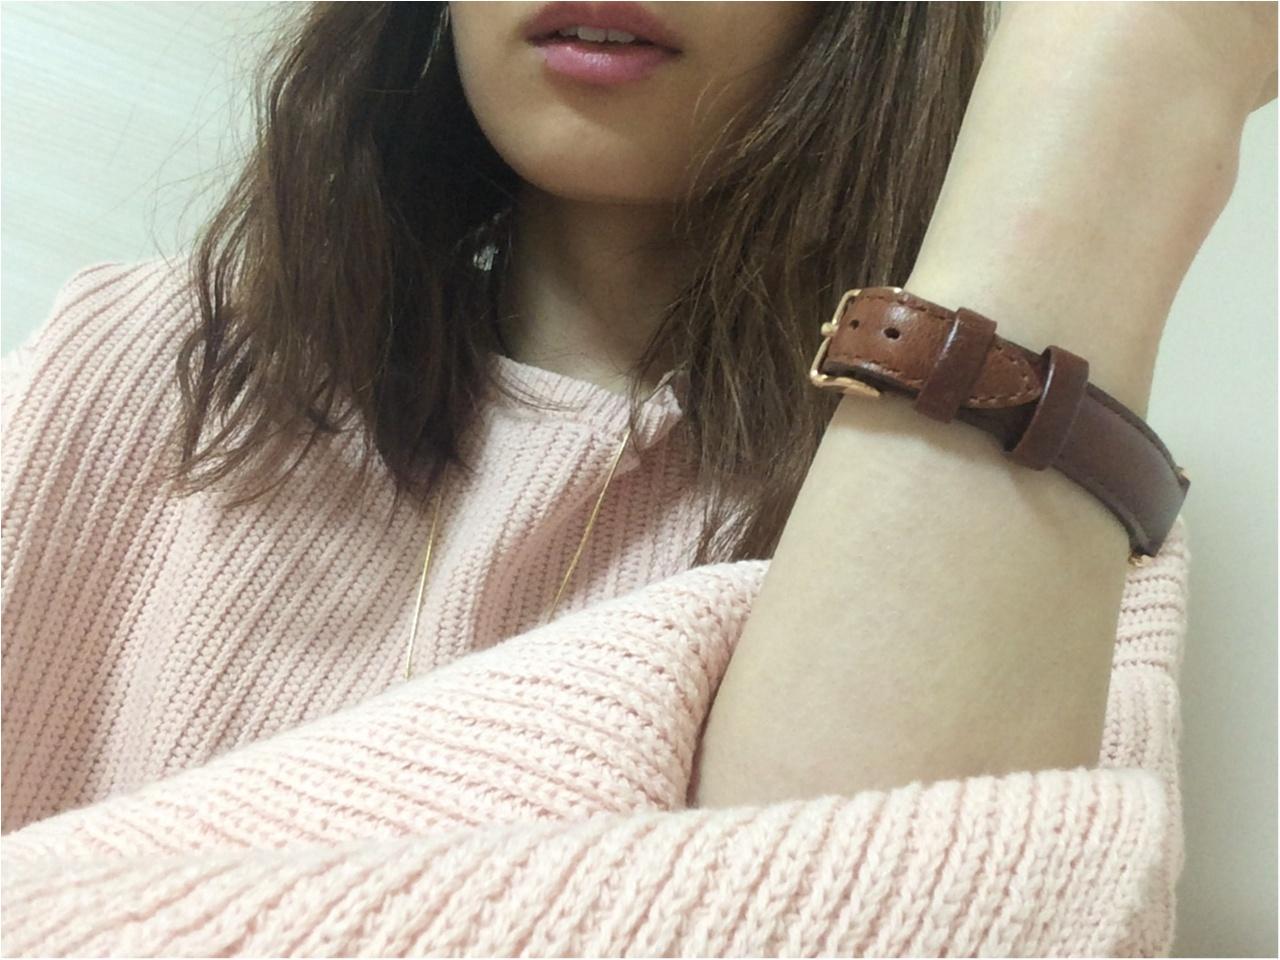 【GU春新作】流行る!馴染みピンクのお袖フレア可愛い♡《カフスリットセーター》_5